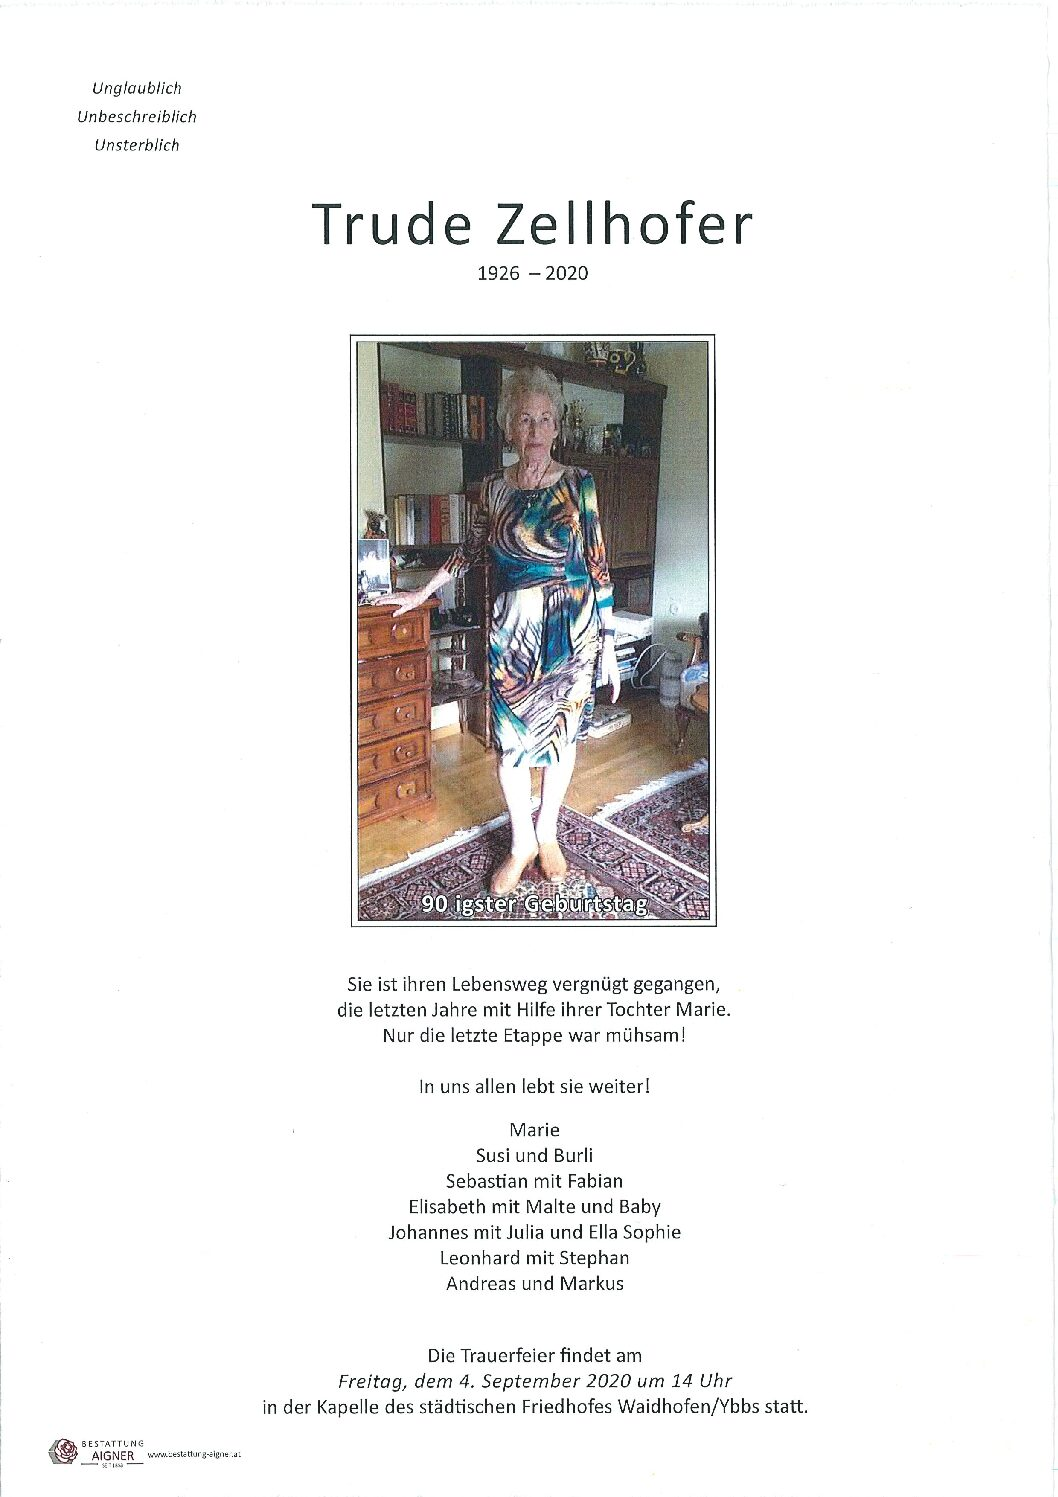 Trude Zellhofer